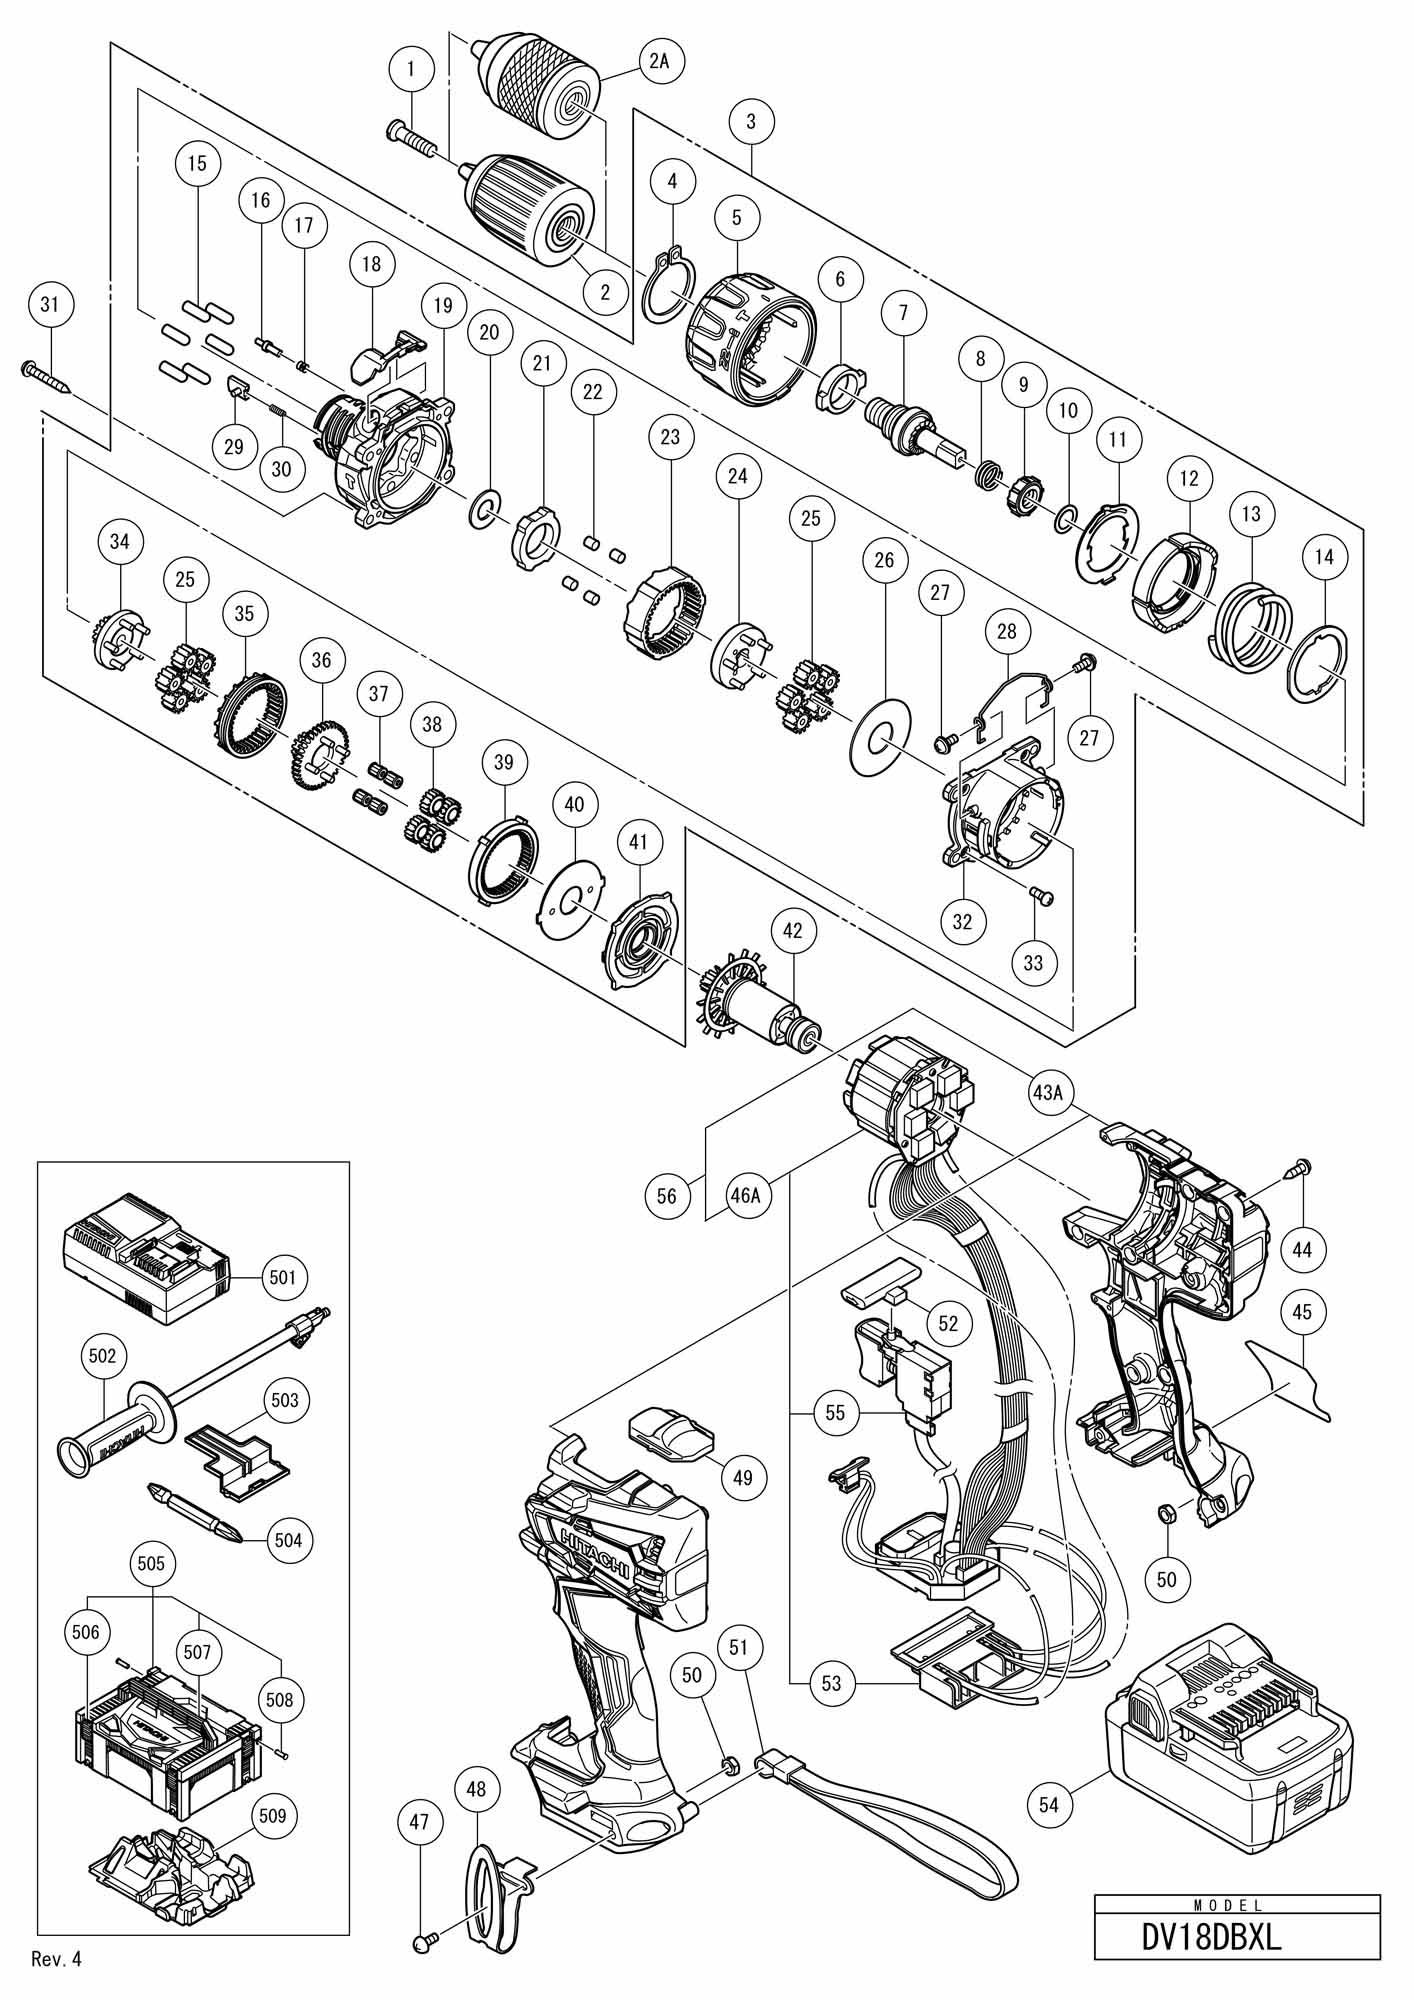 Hitachi Cordless Impact Driver Drill Dv 18dbxl SPARE